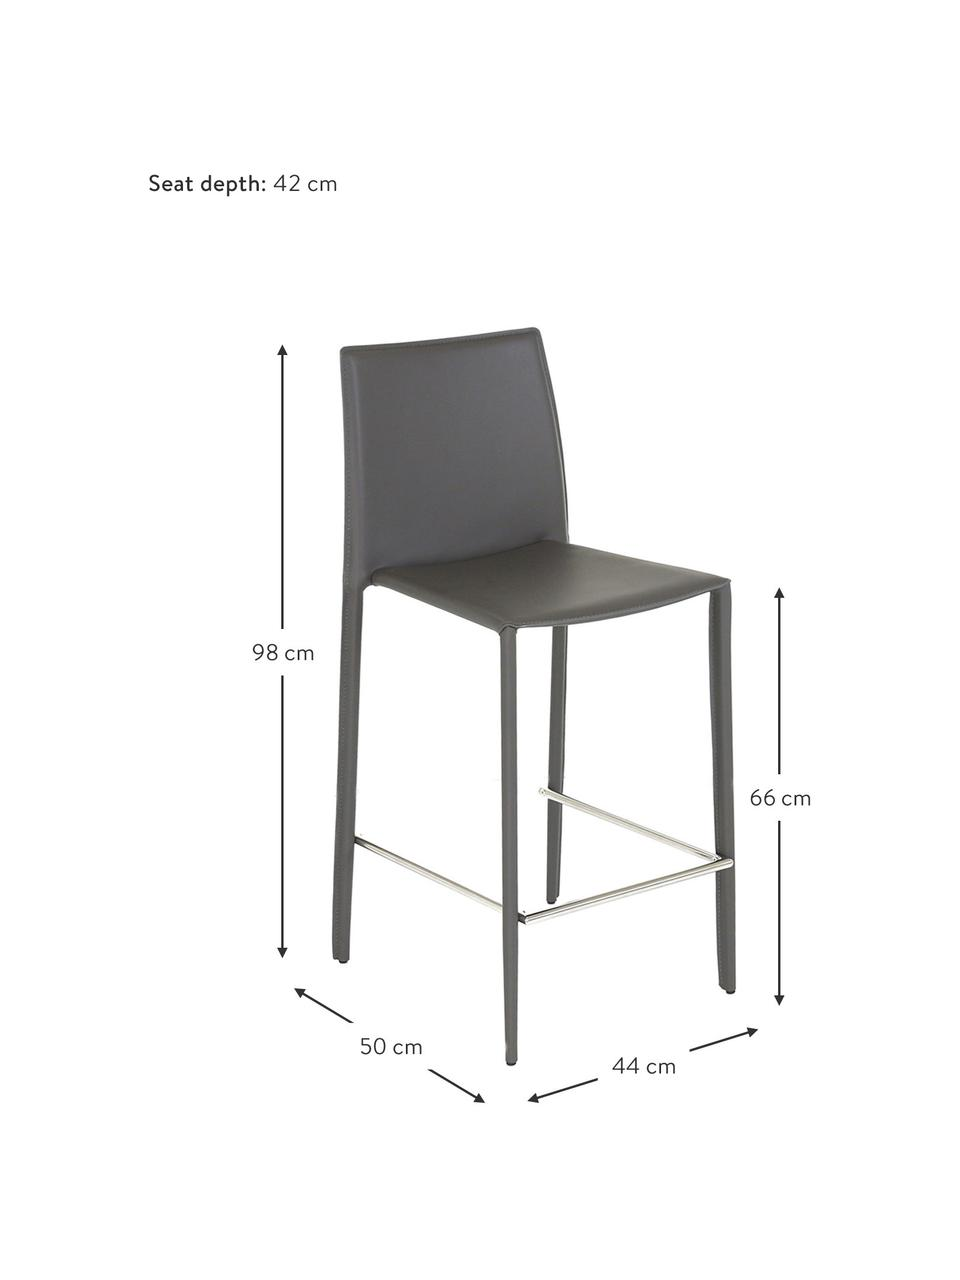 Krzesło kontuarowe ze skóry Boréalys, 2szt., Stelaż: metal malowany proszkowo, Szary, S 44 x W 98 cm